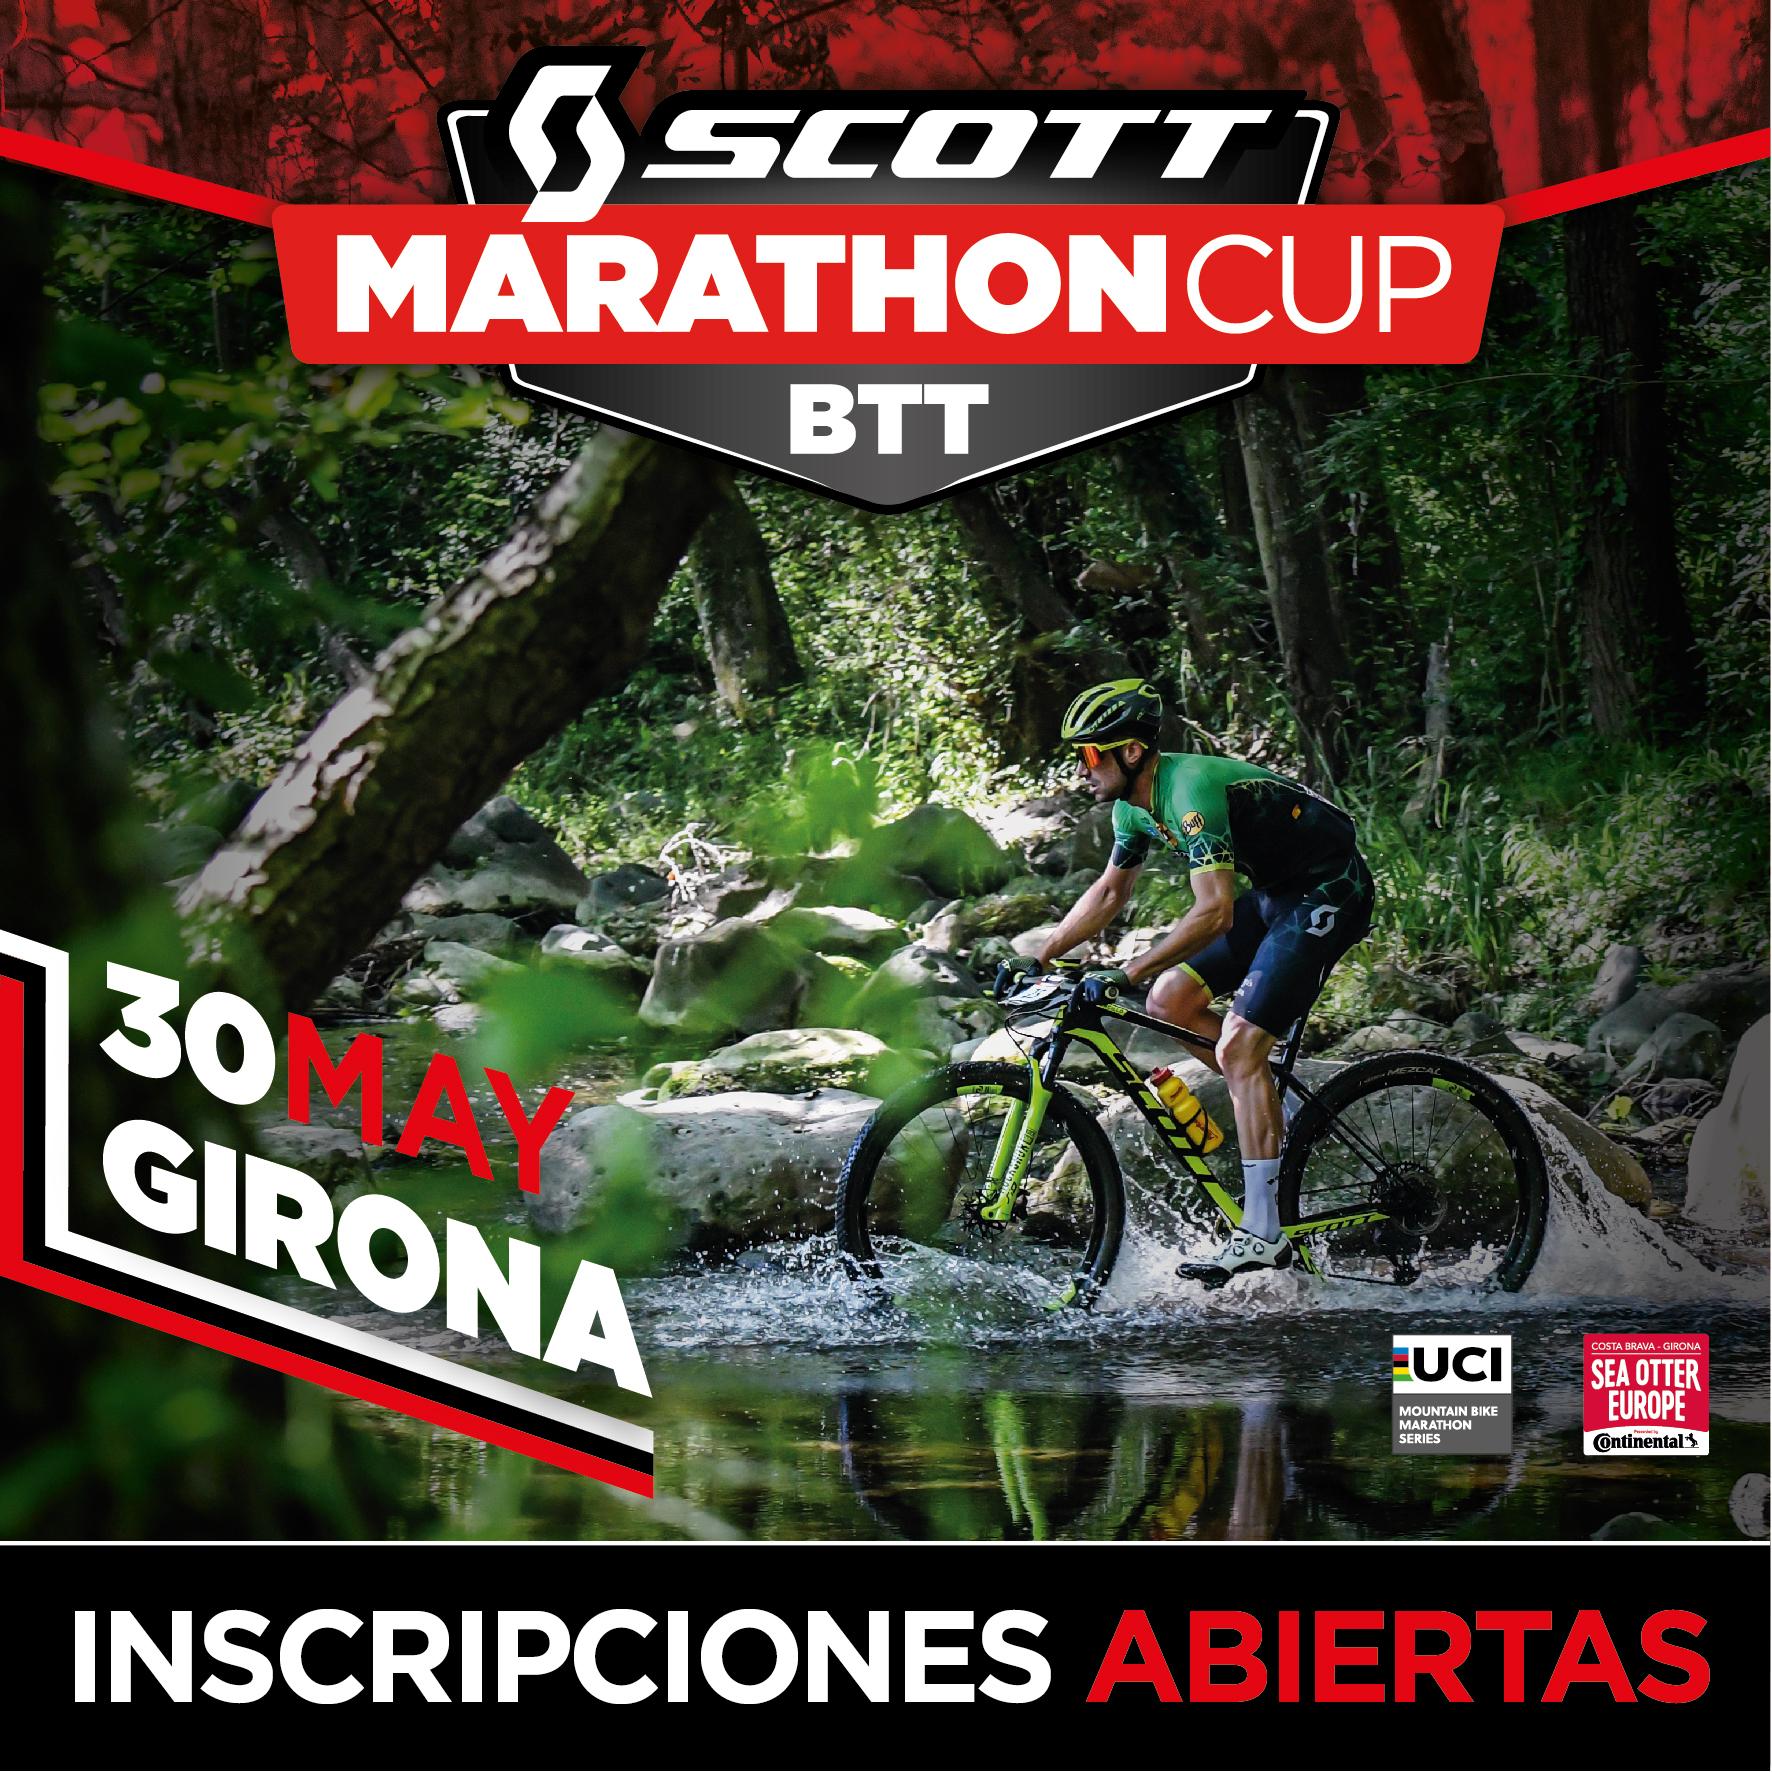 La Scott Marathon Cup de Girona abre inscripciones y�aguarda con los mejores singletrack